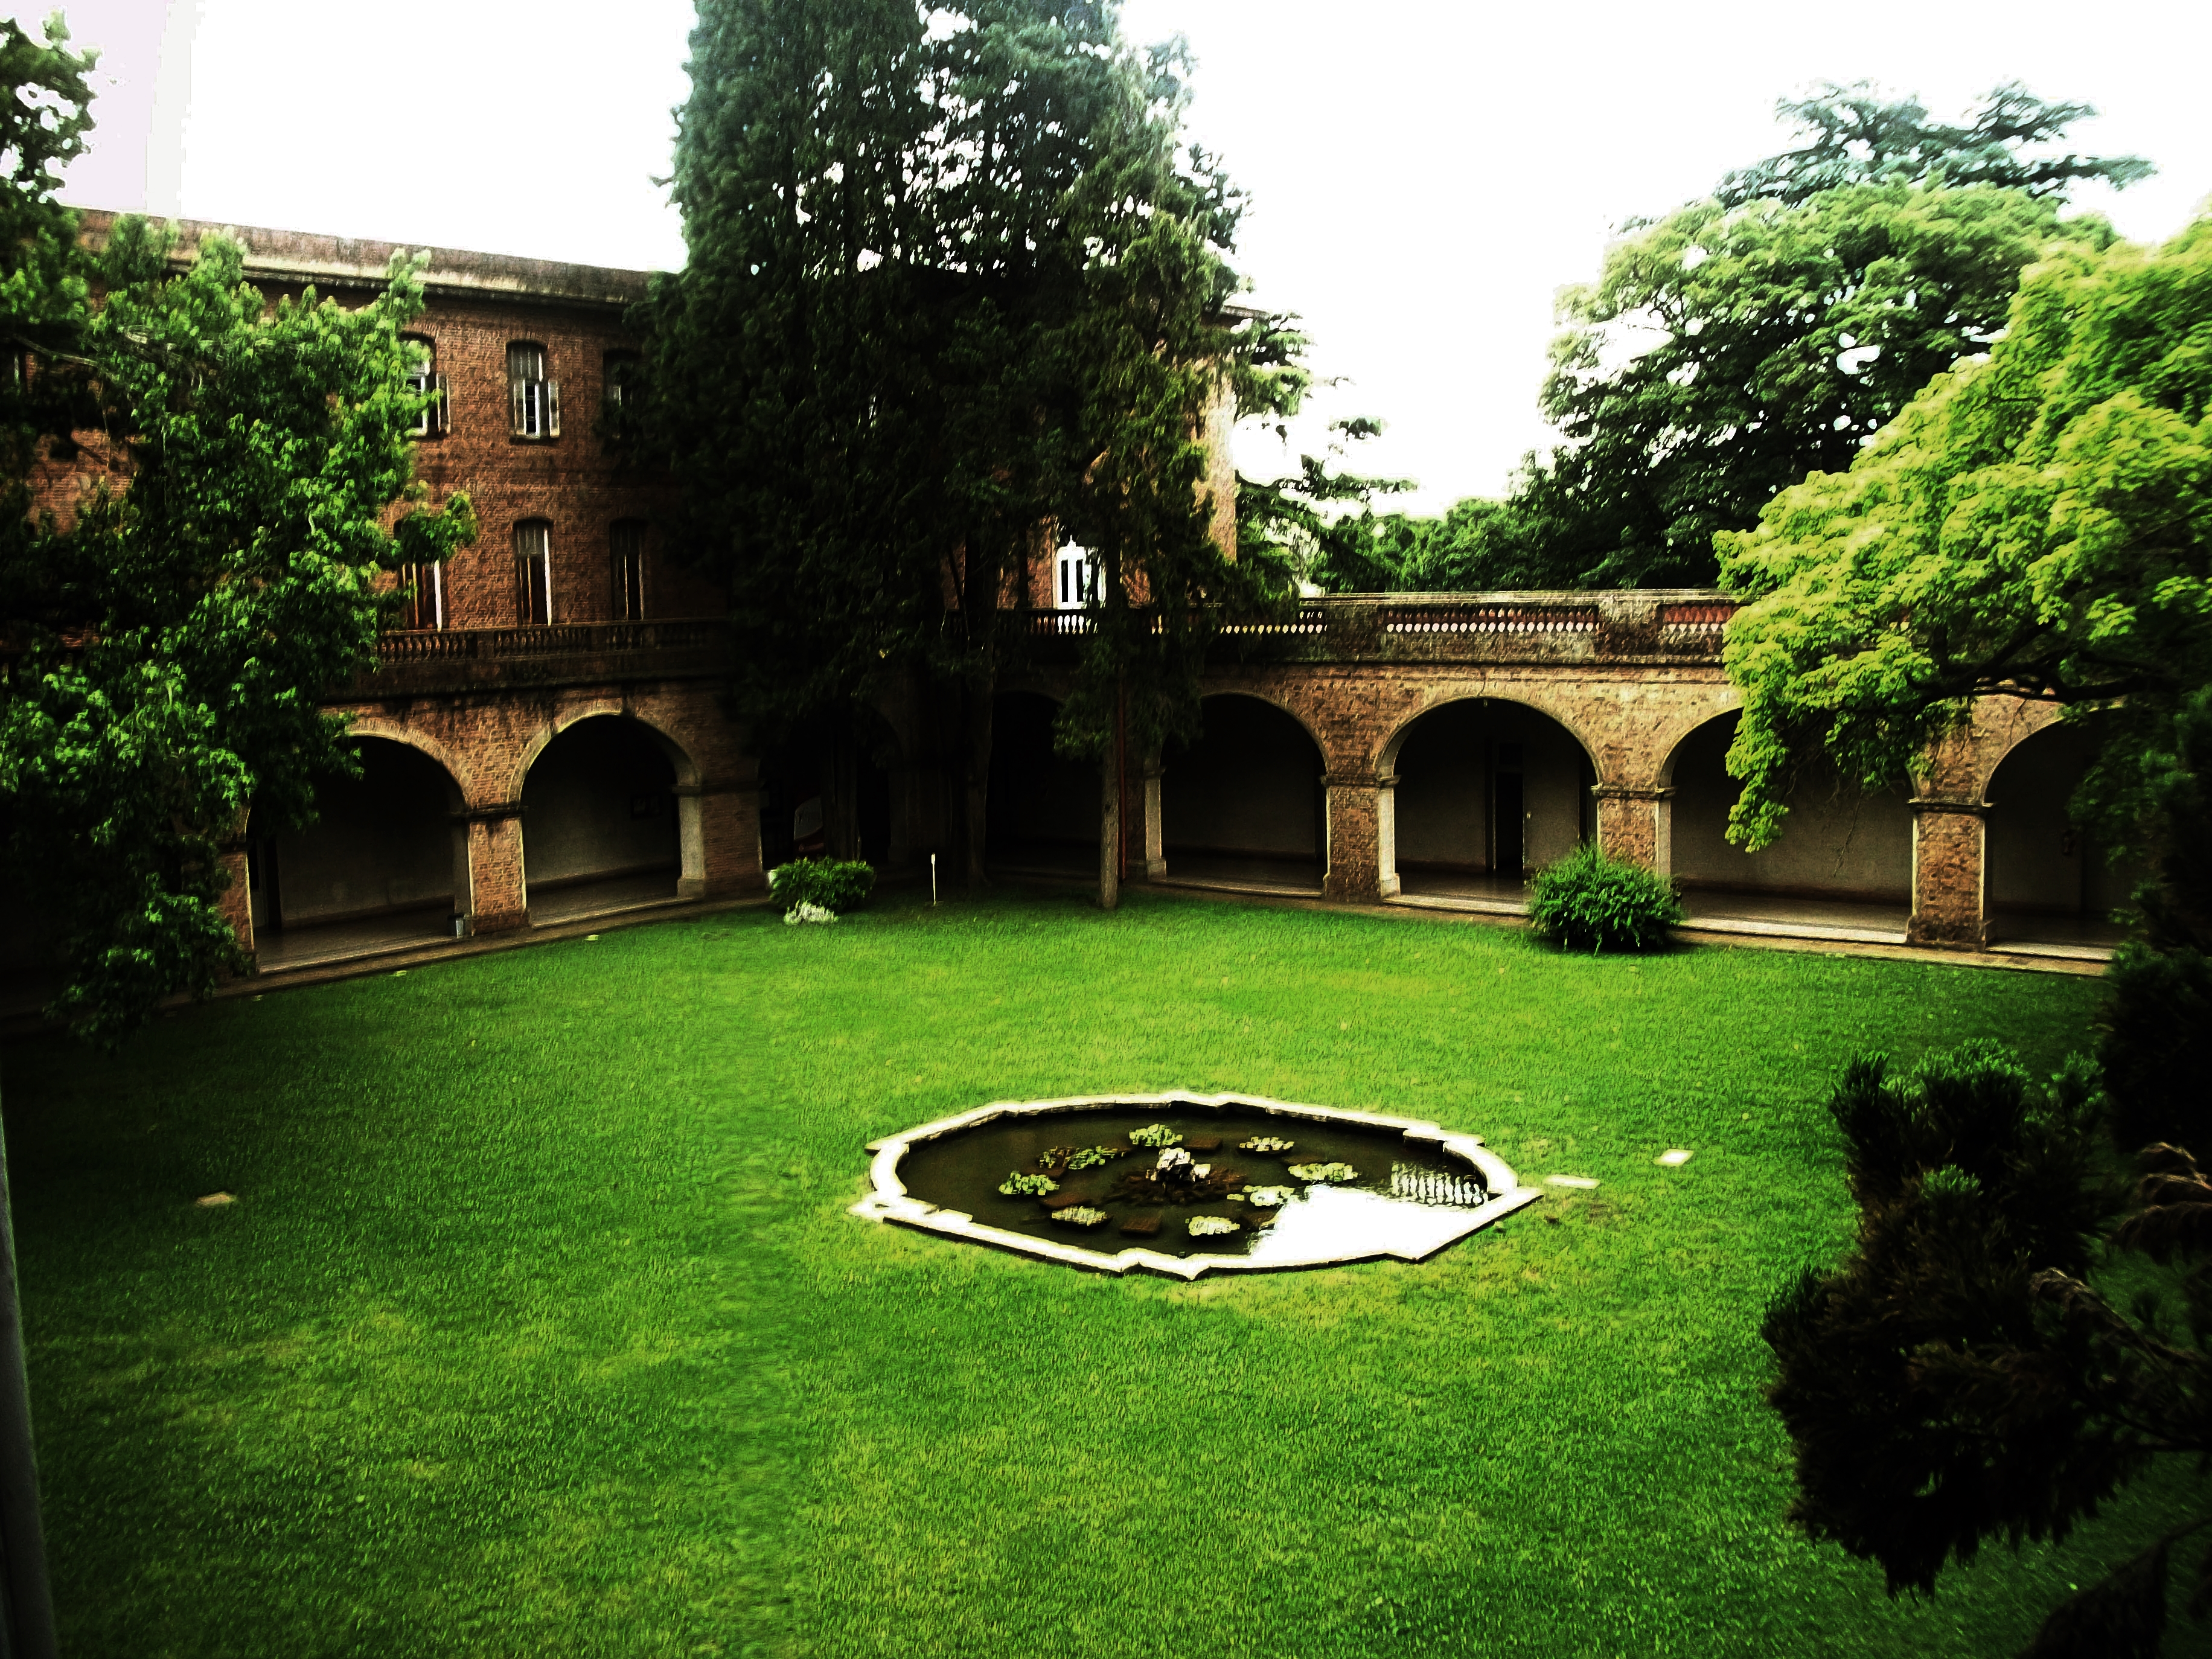 Parque interno